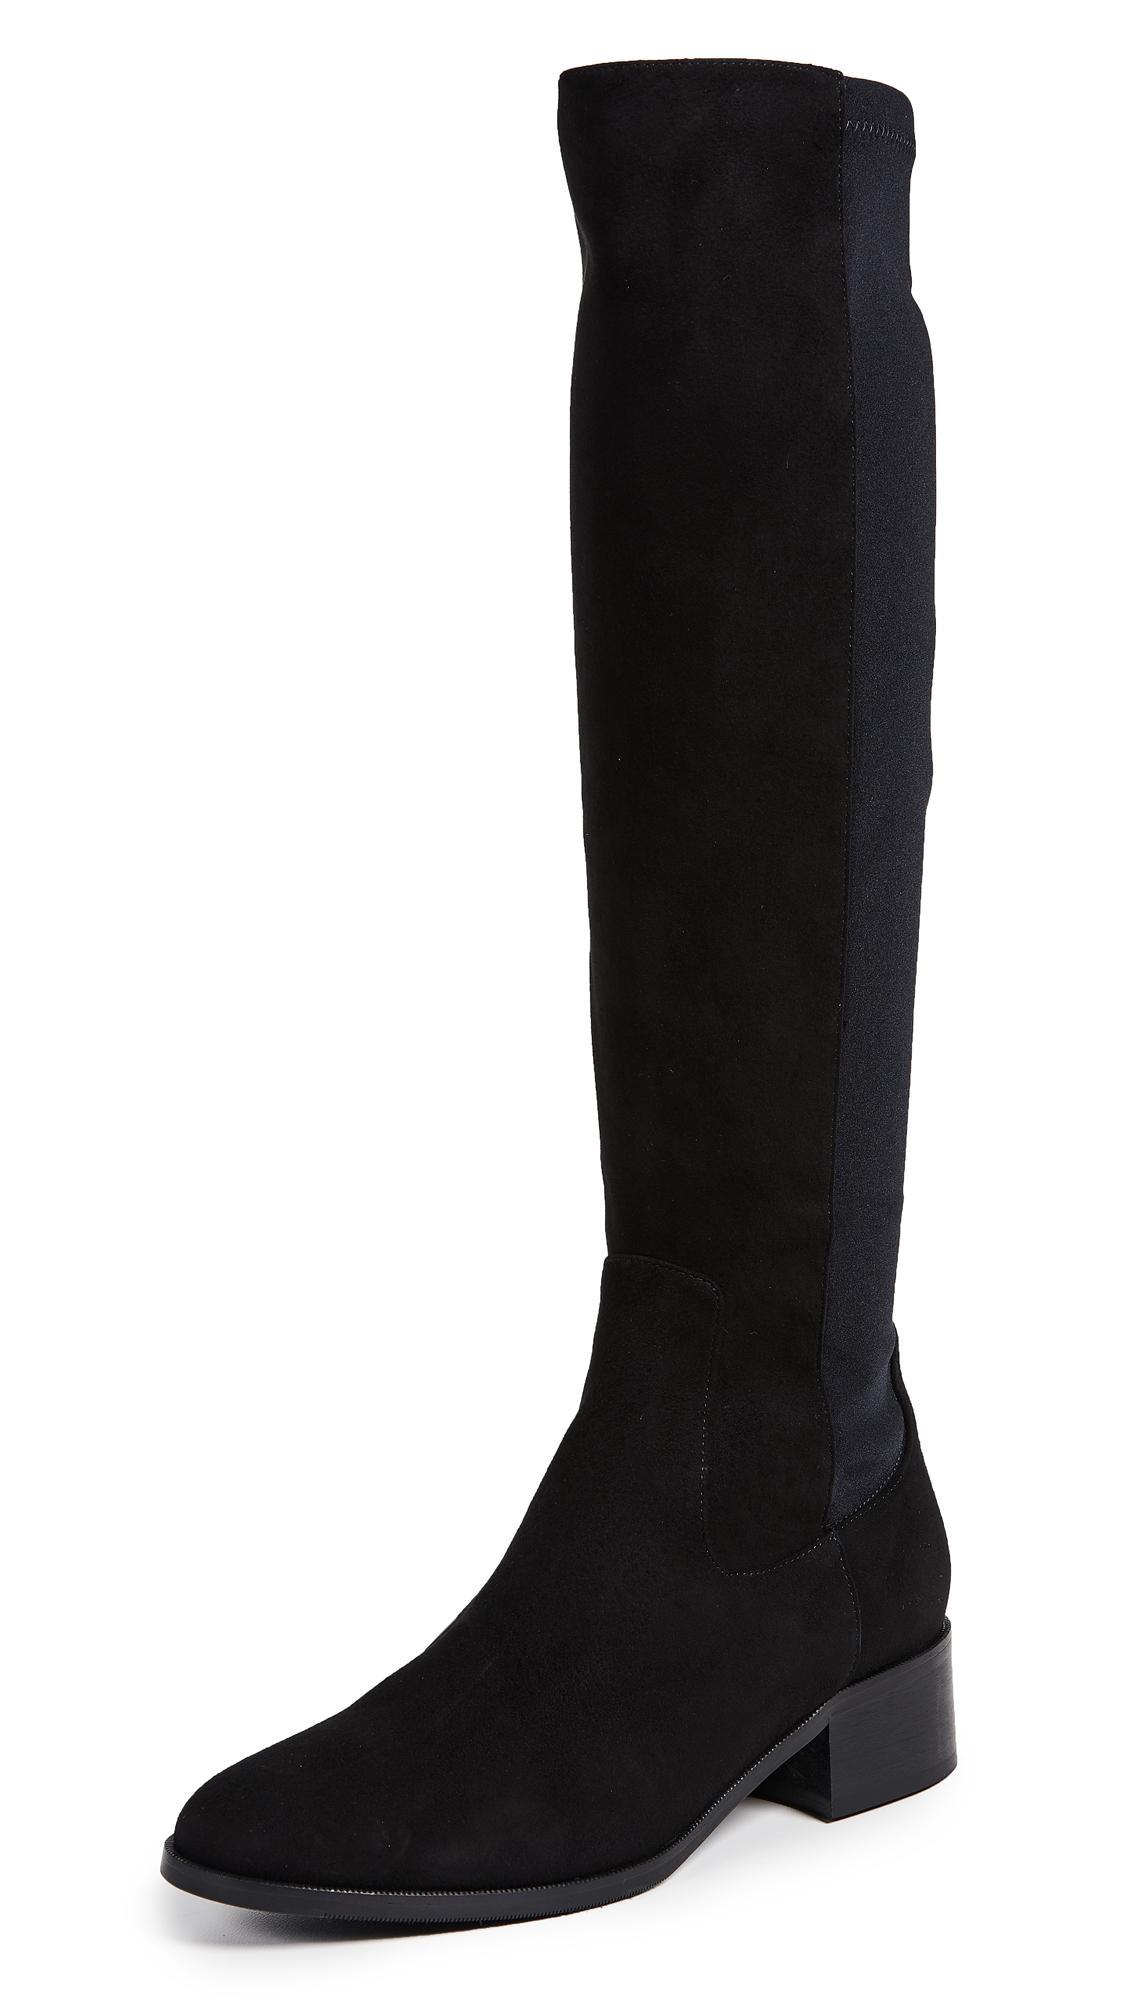 7038f904280 L.K. Bennett Bella Tall Boots In Black